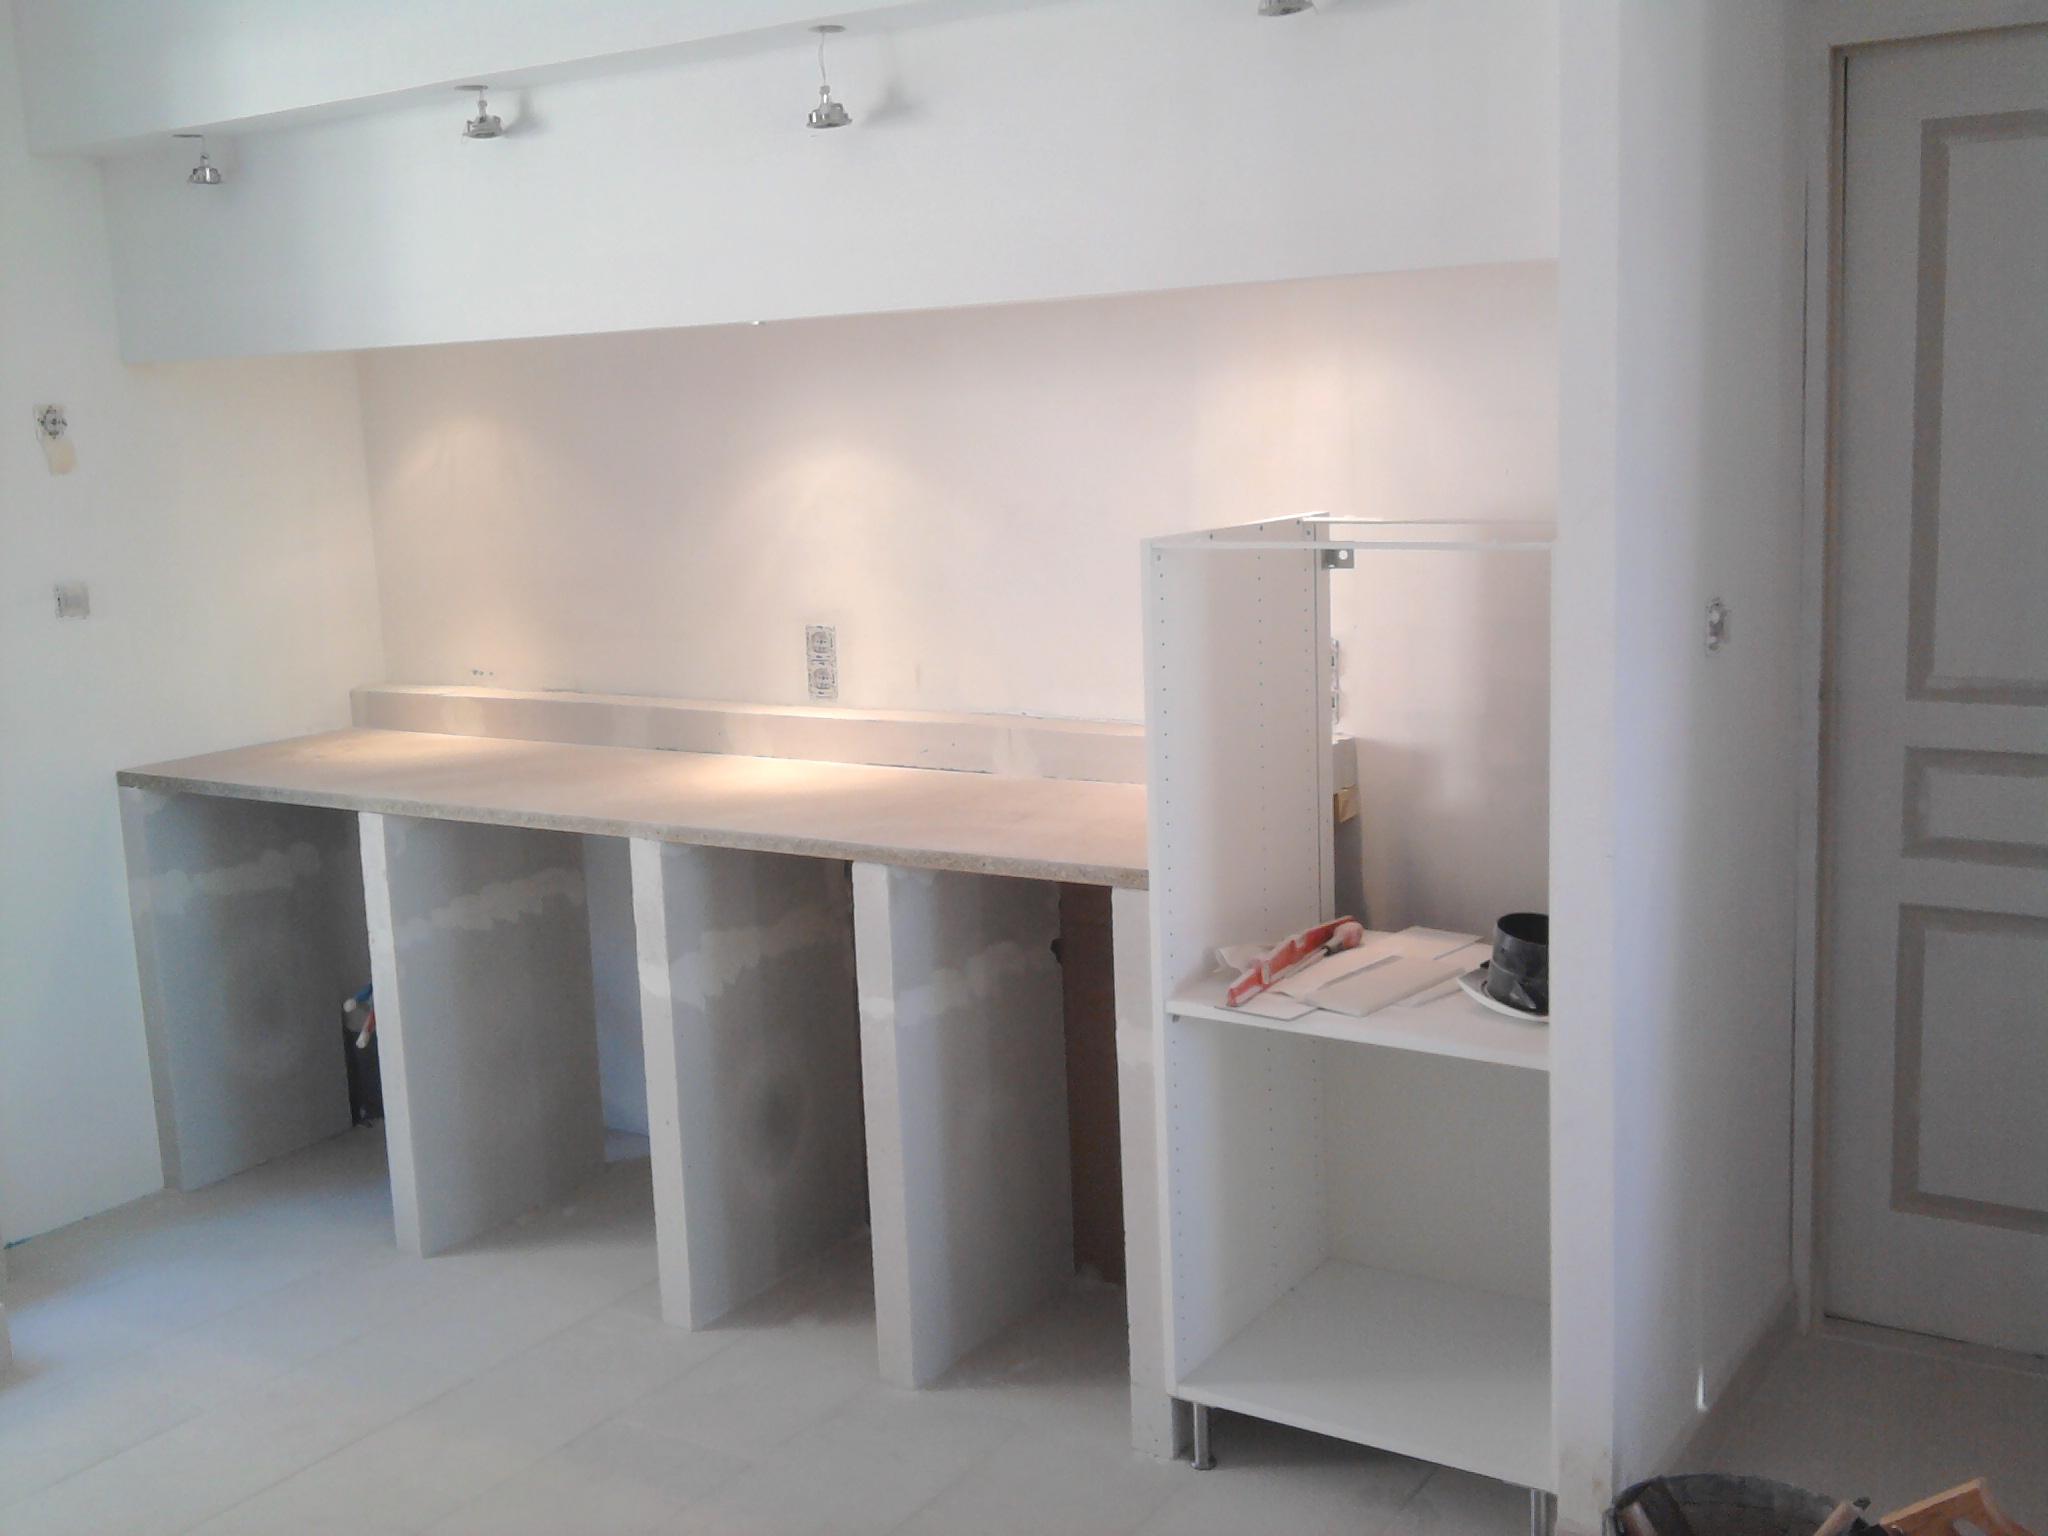 Plaquiste pose de placo jointeur cloison devis for Cloison salle de bain hydrofuge